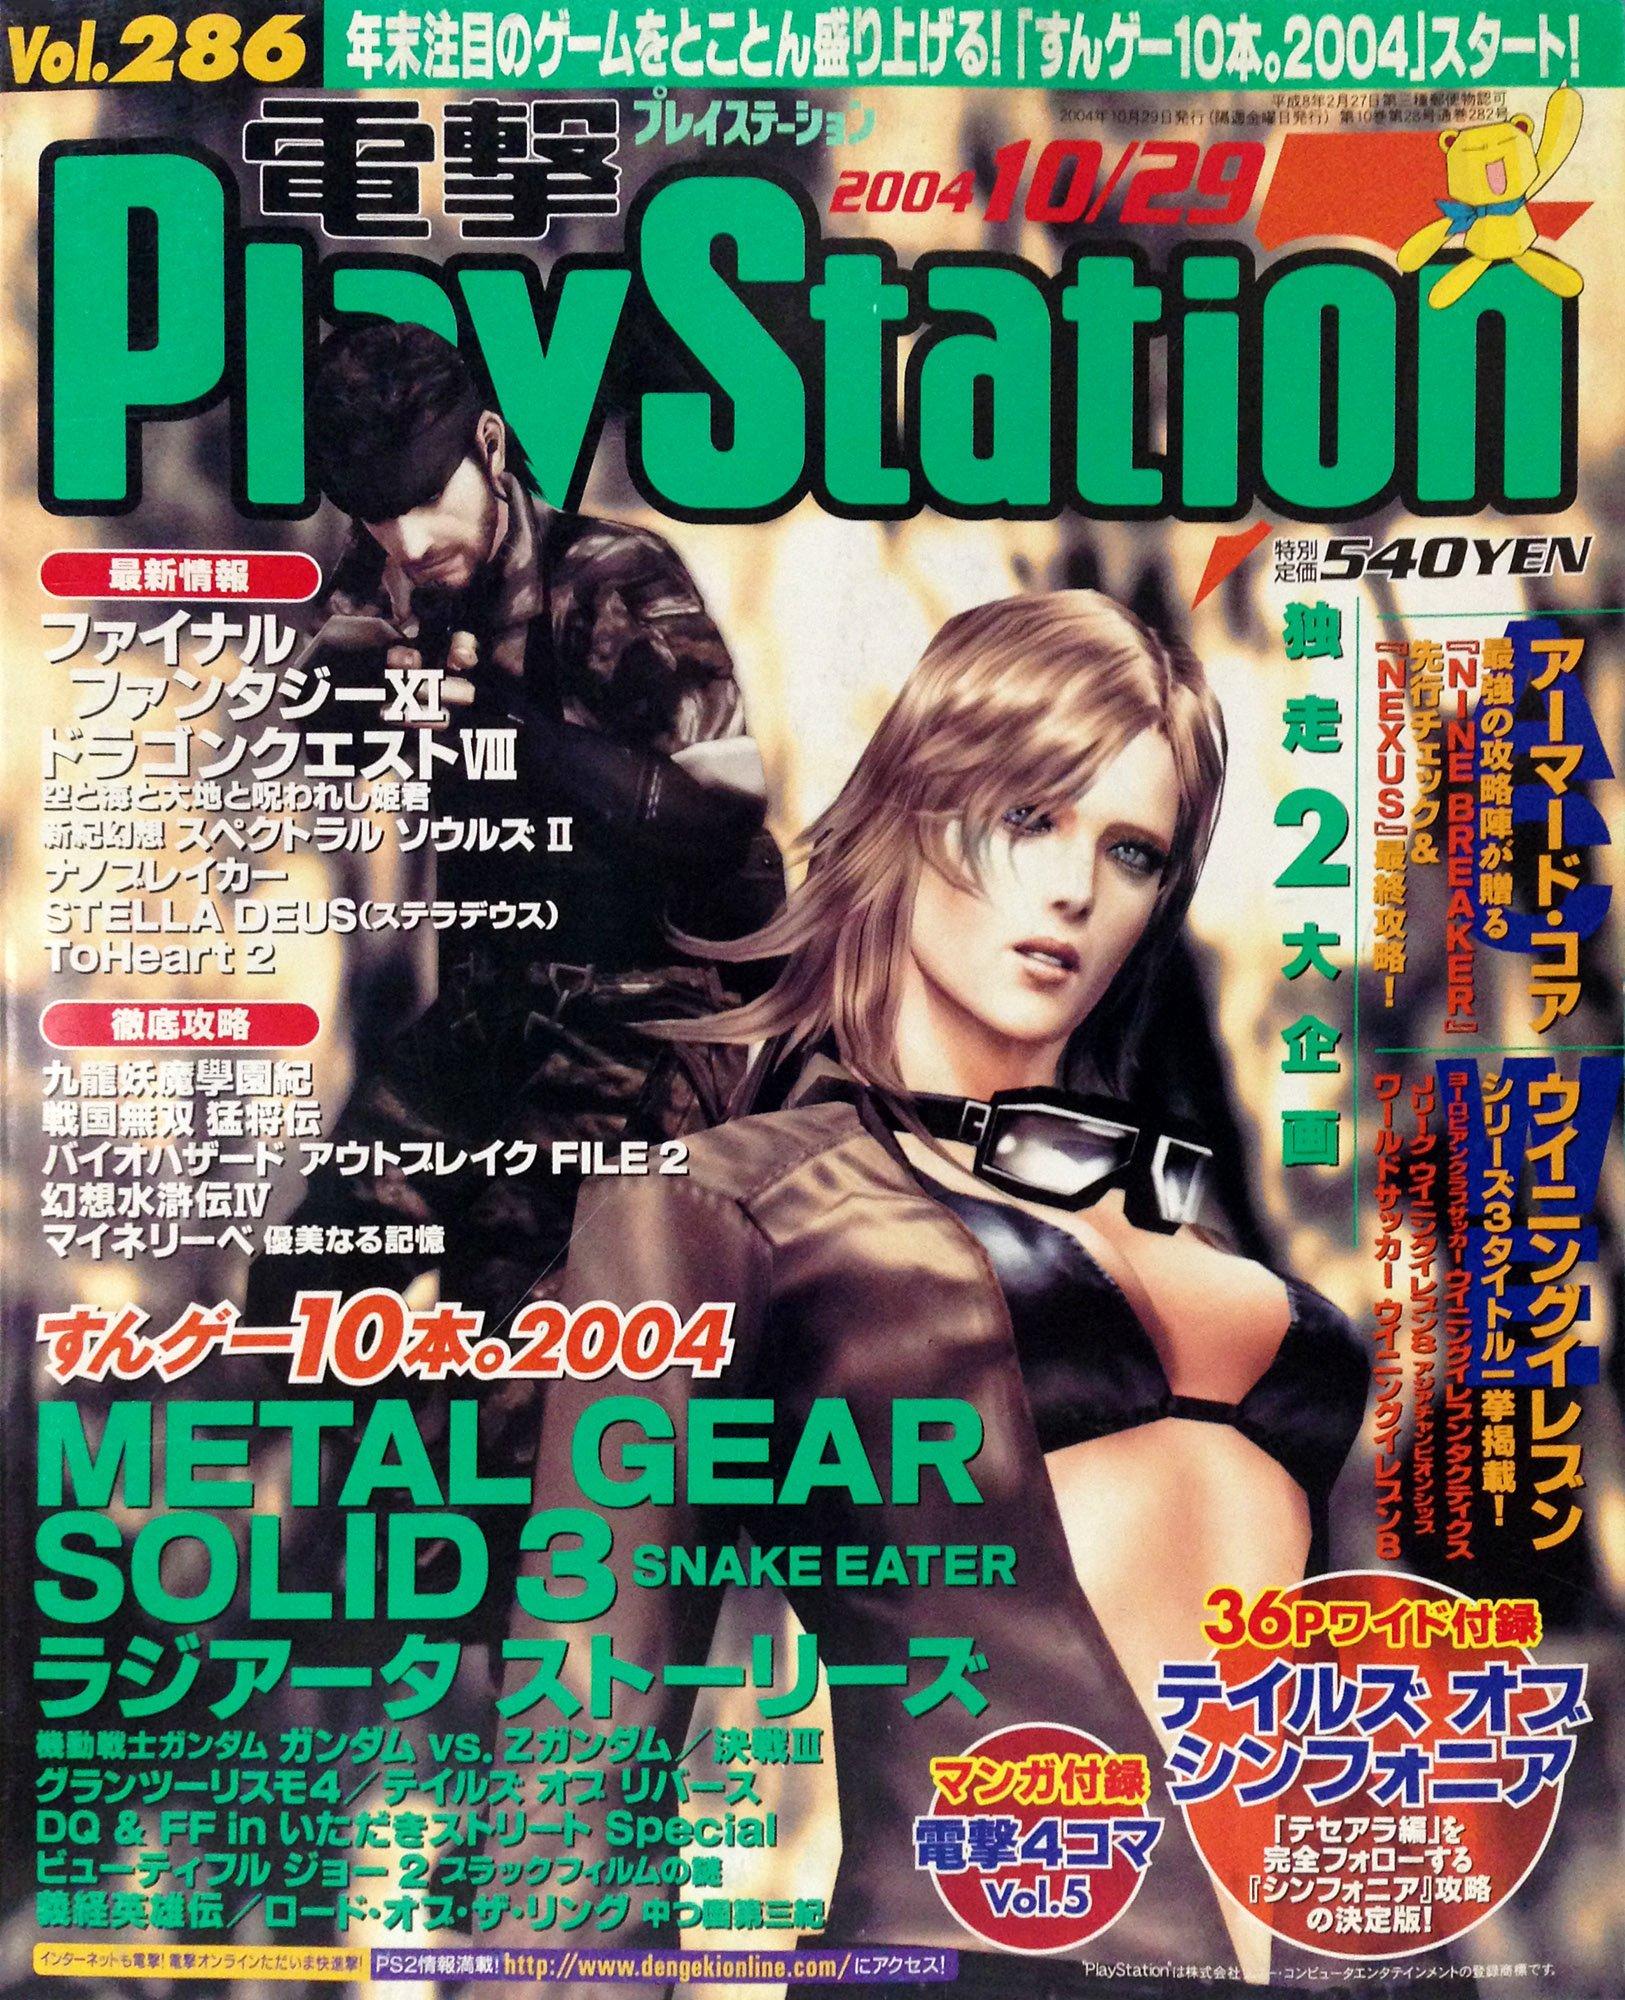 Dengeki PlayStation 286 (October 29, 2004)